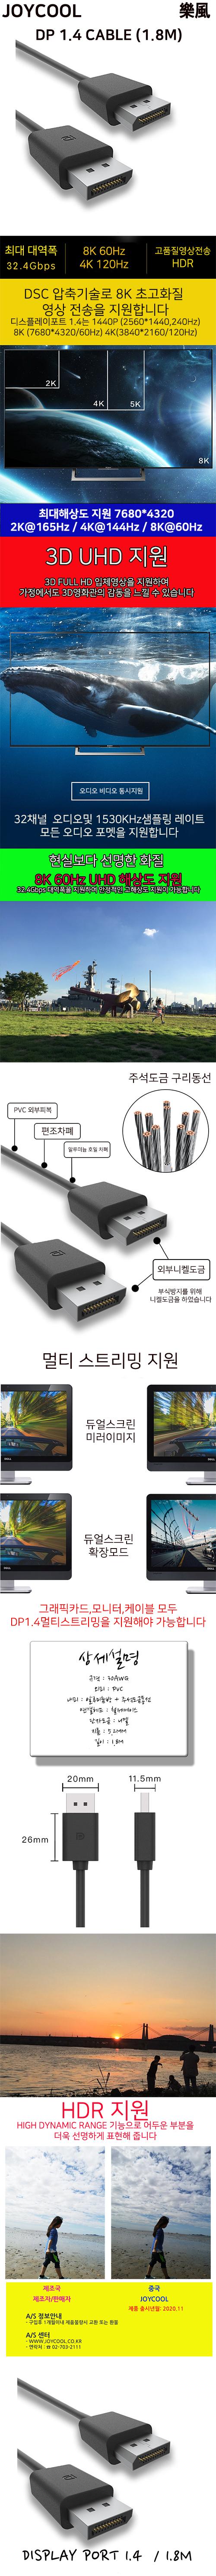 조이쿨 조이쿨 DisplayPort v1.4 케이블 (1.8m)